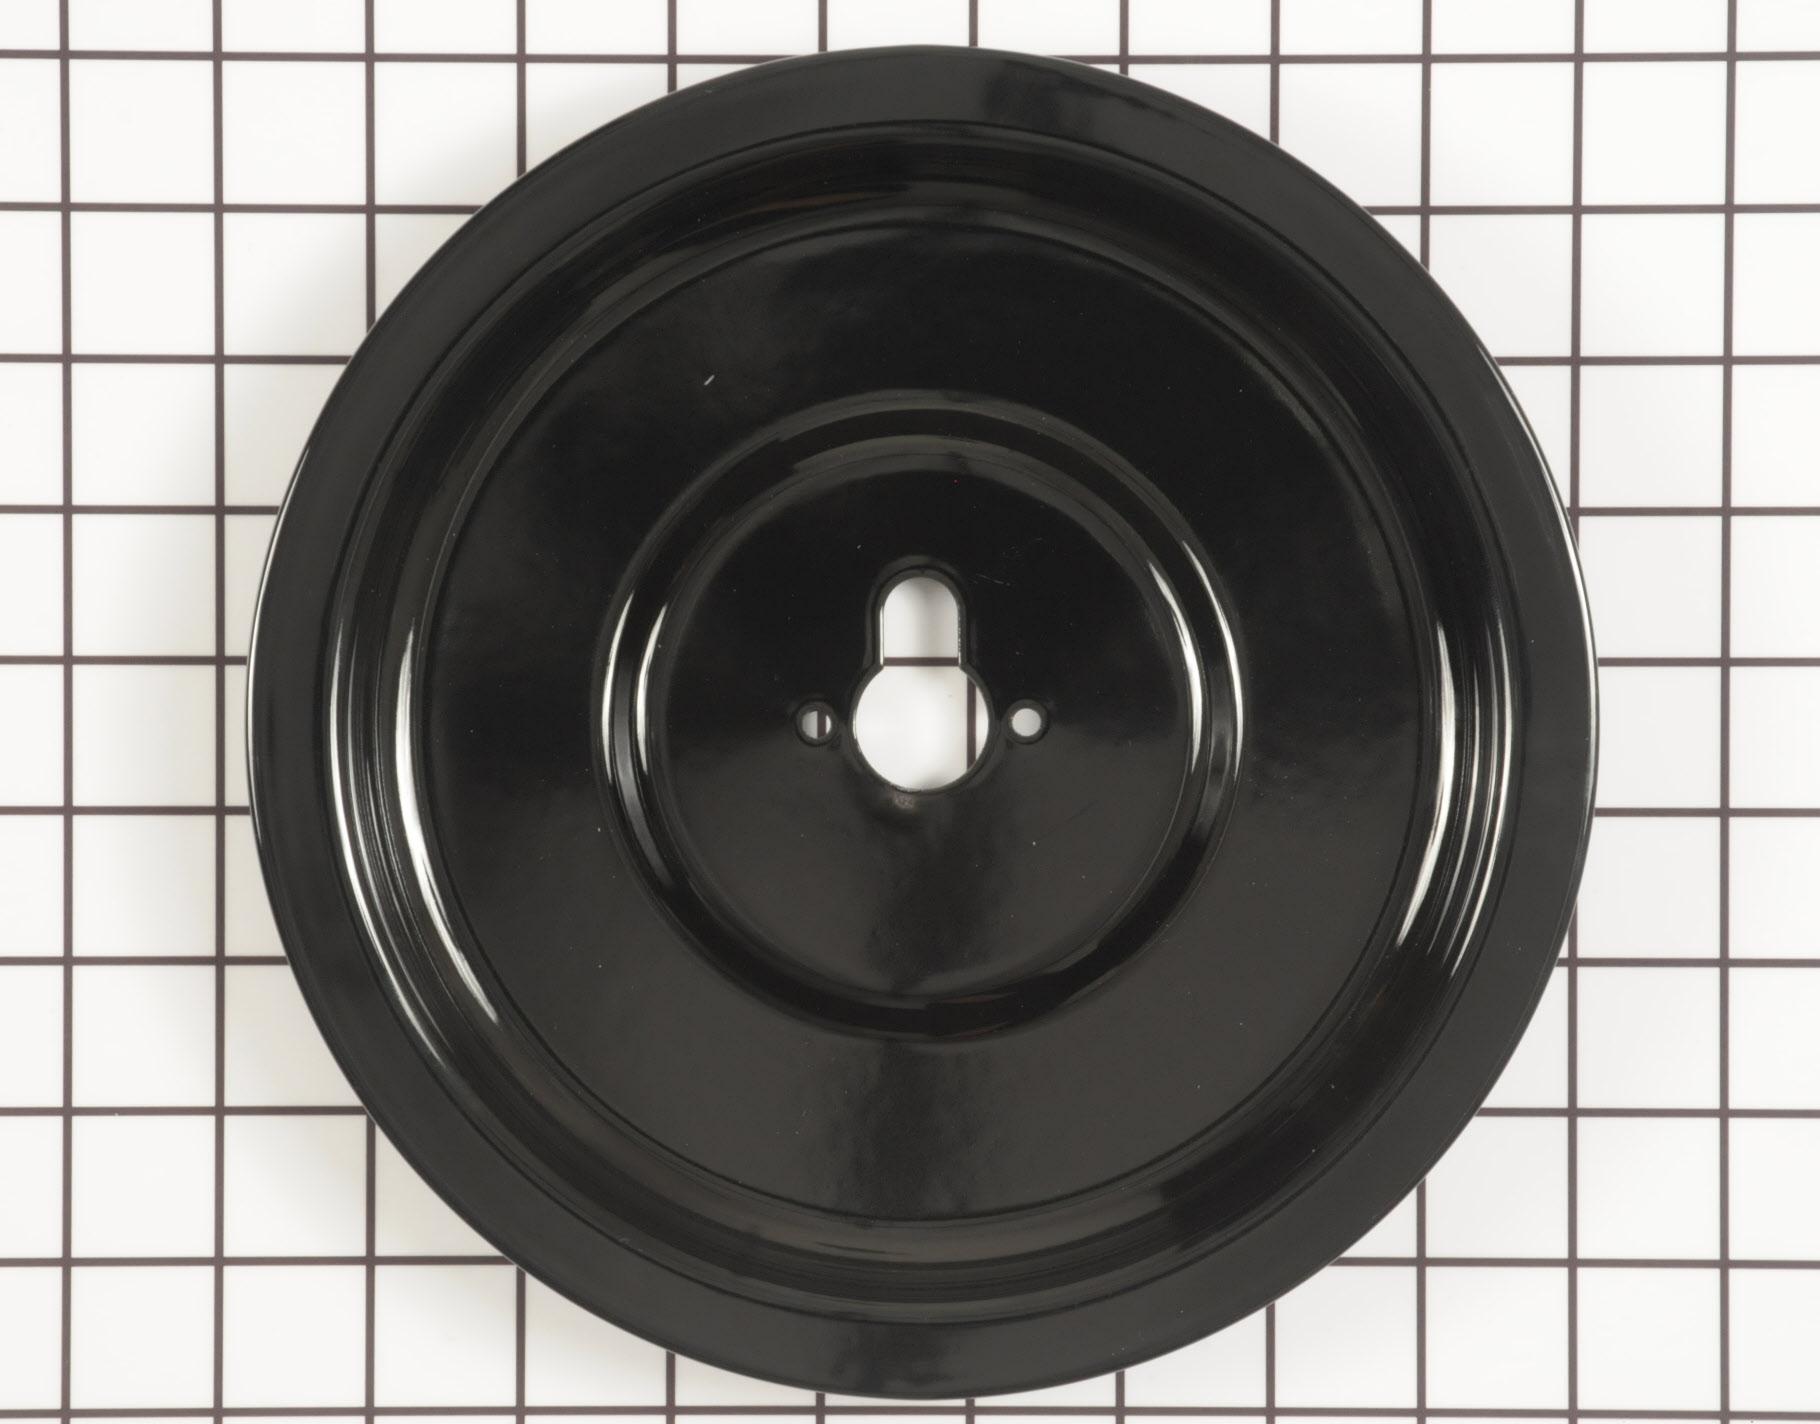 Maytag Range/Stove/Oven Part # WP3424F030-09 - Burner Drip Bowl